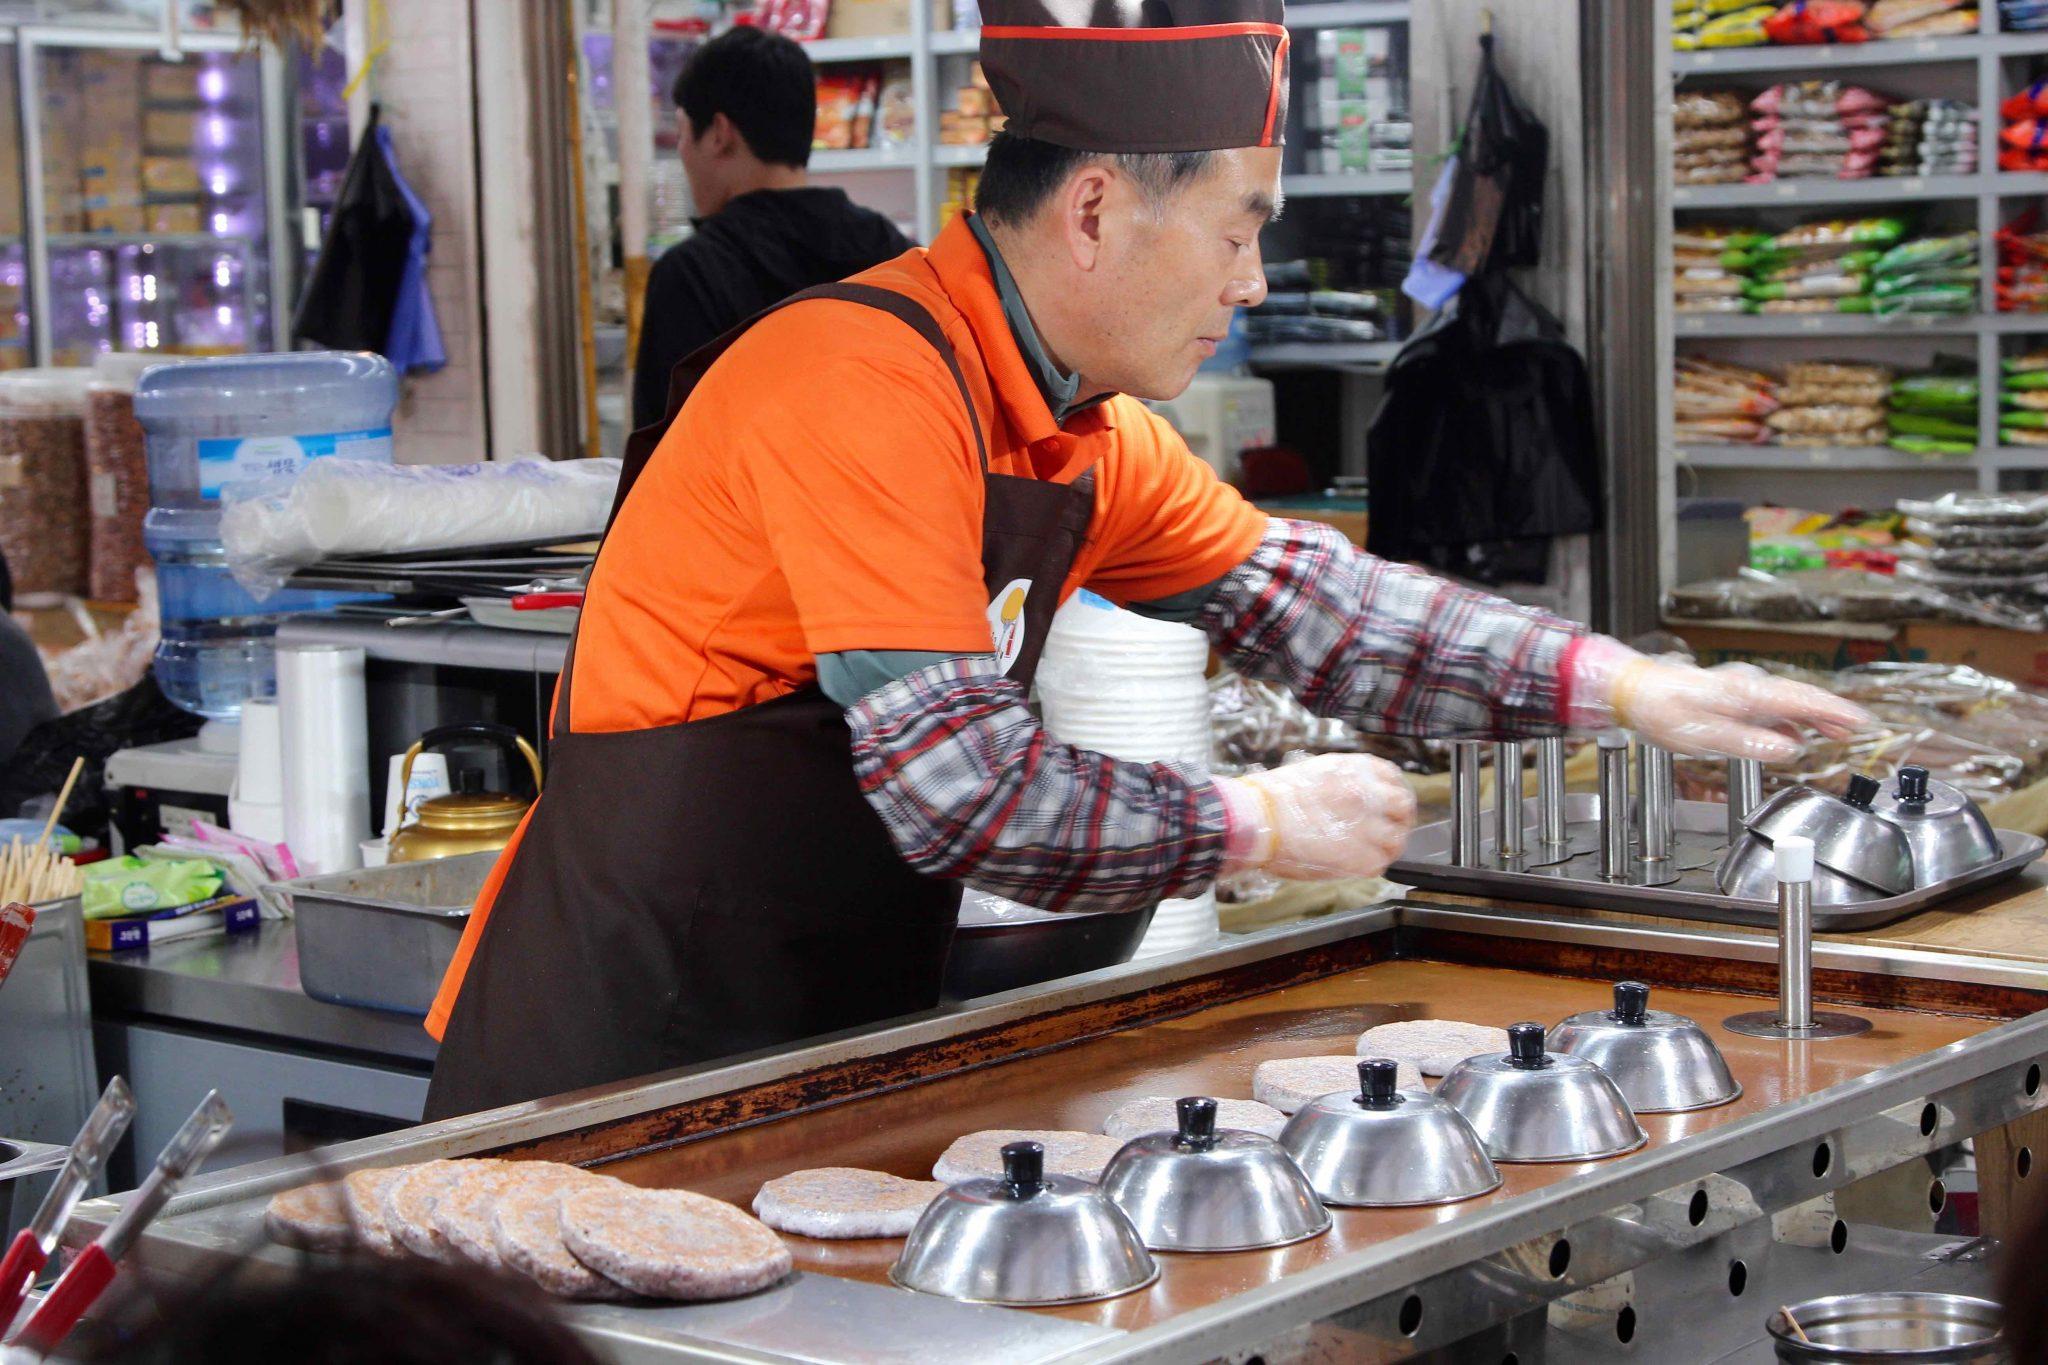 Streetfood trader